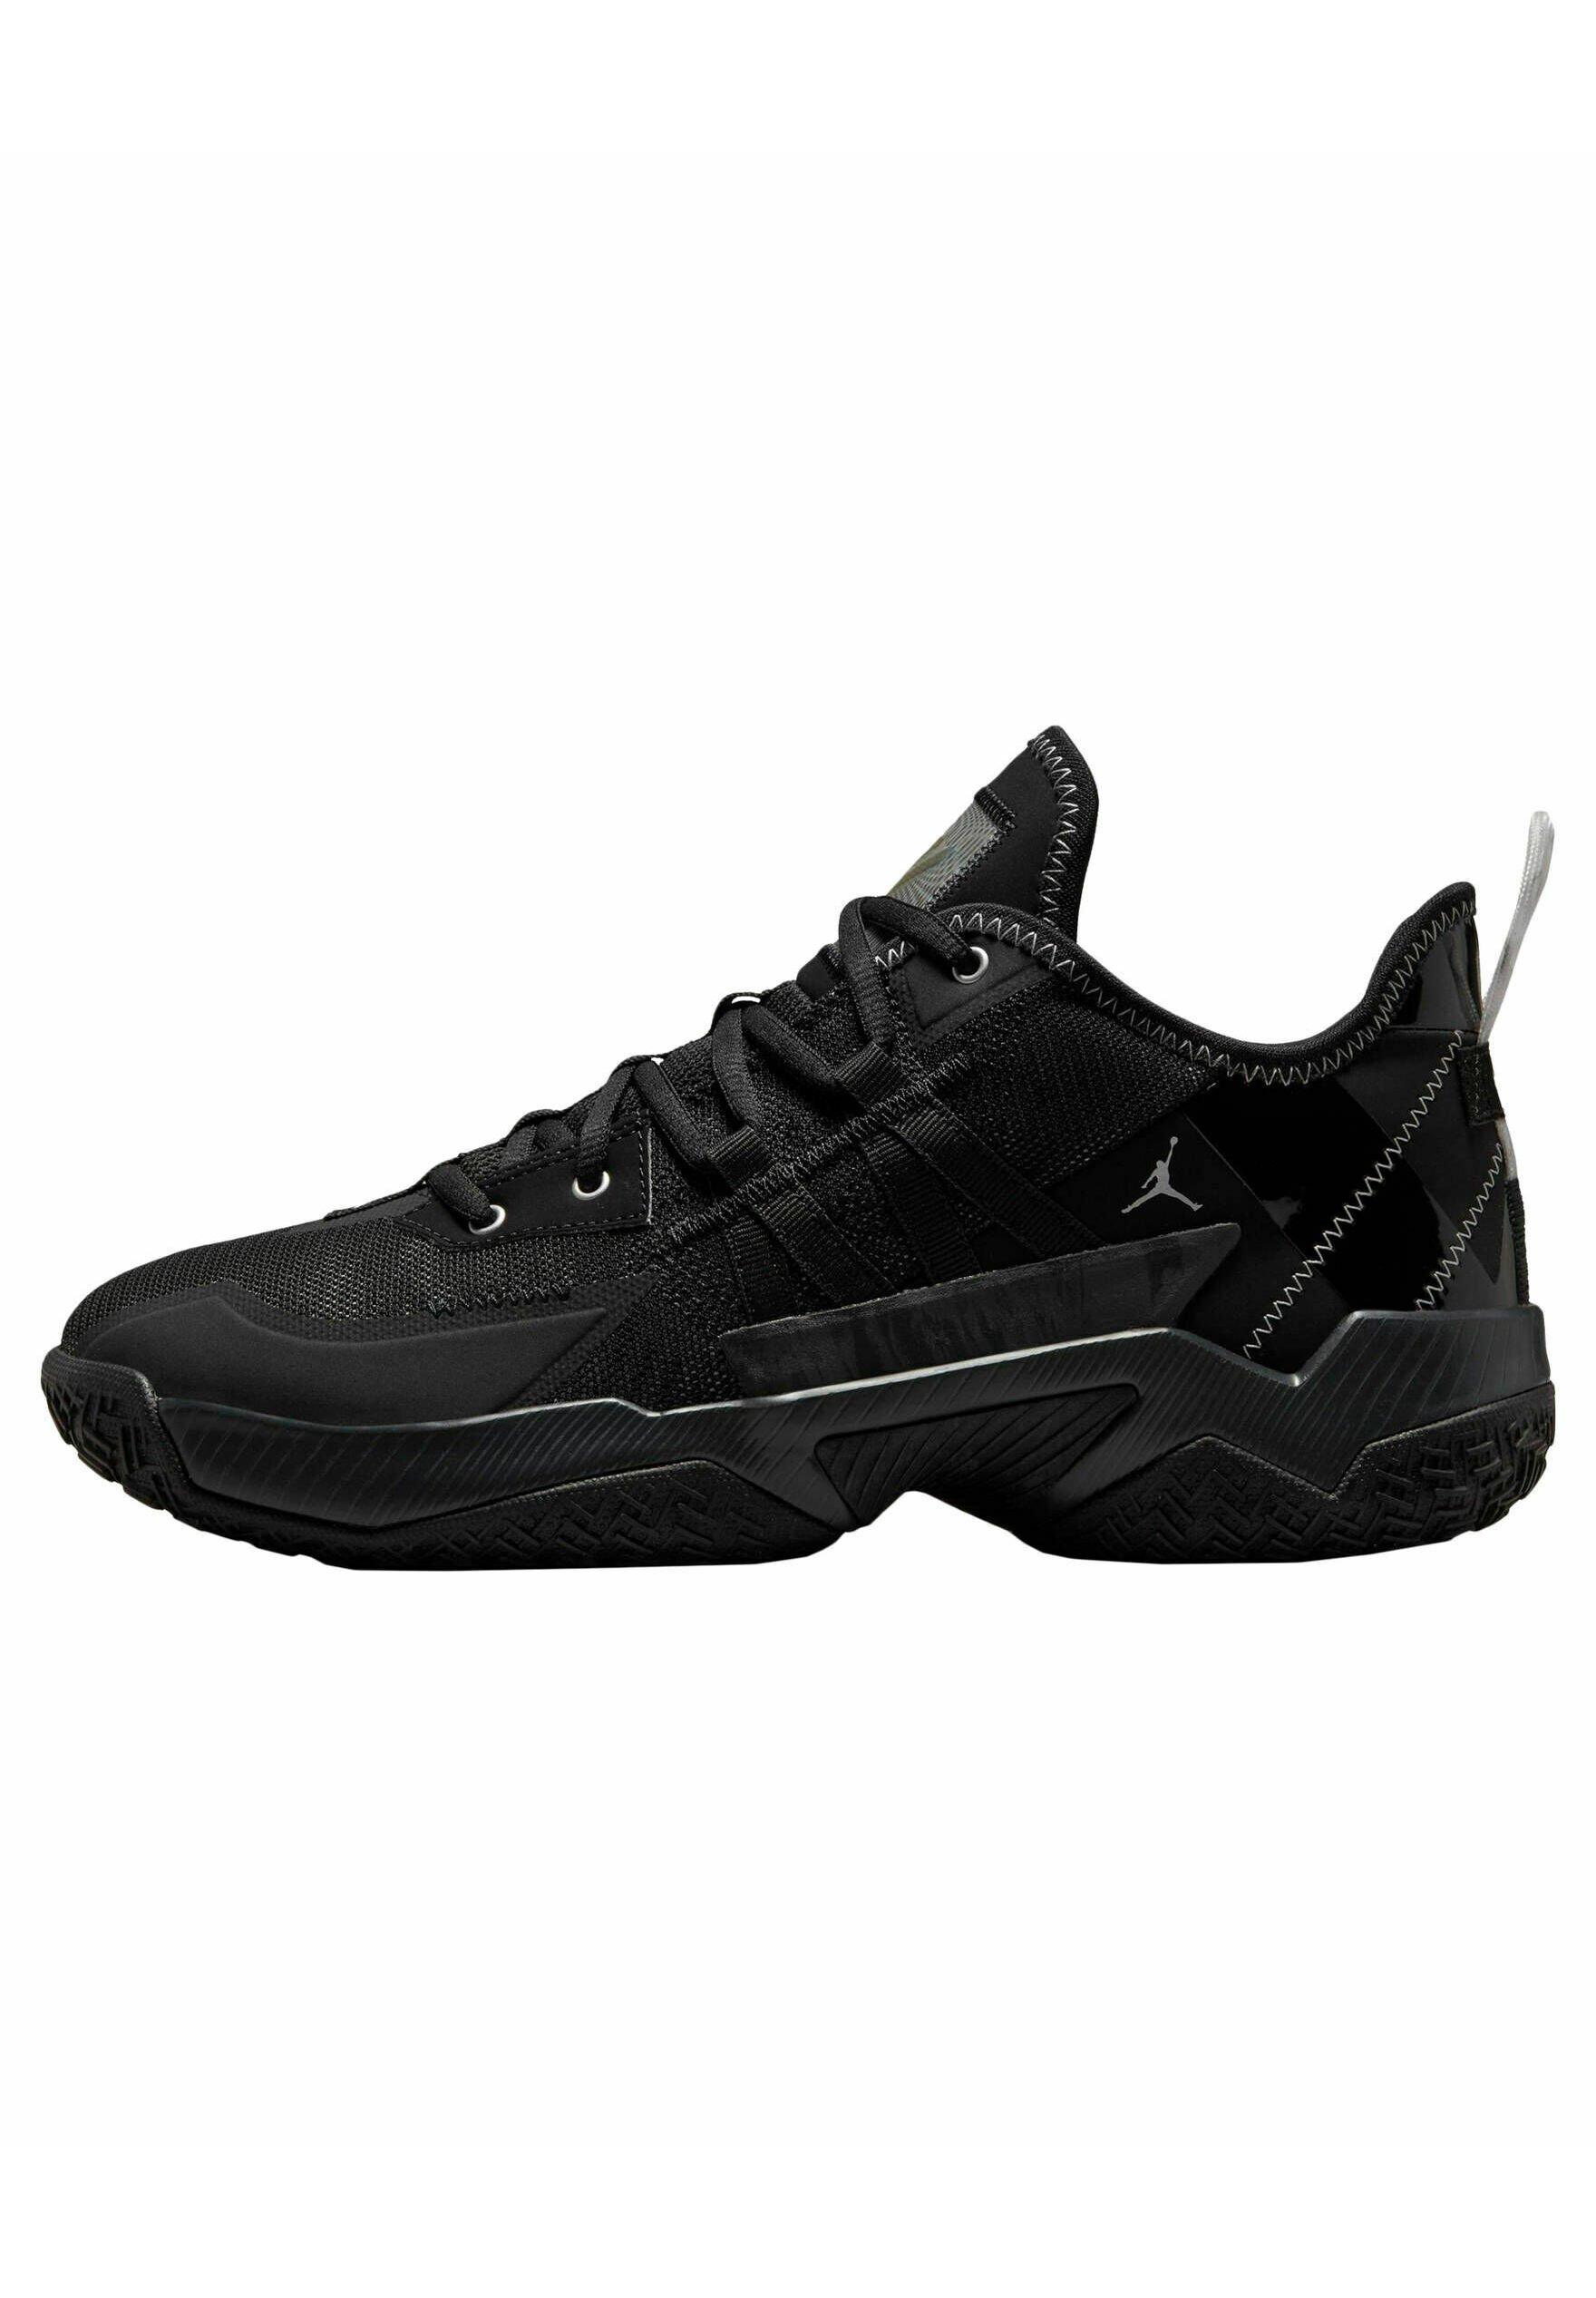 Herren JORDAN ONE TAKE II - Basketballschuh - schwarz